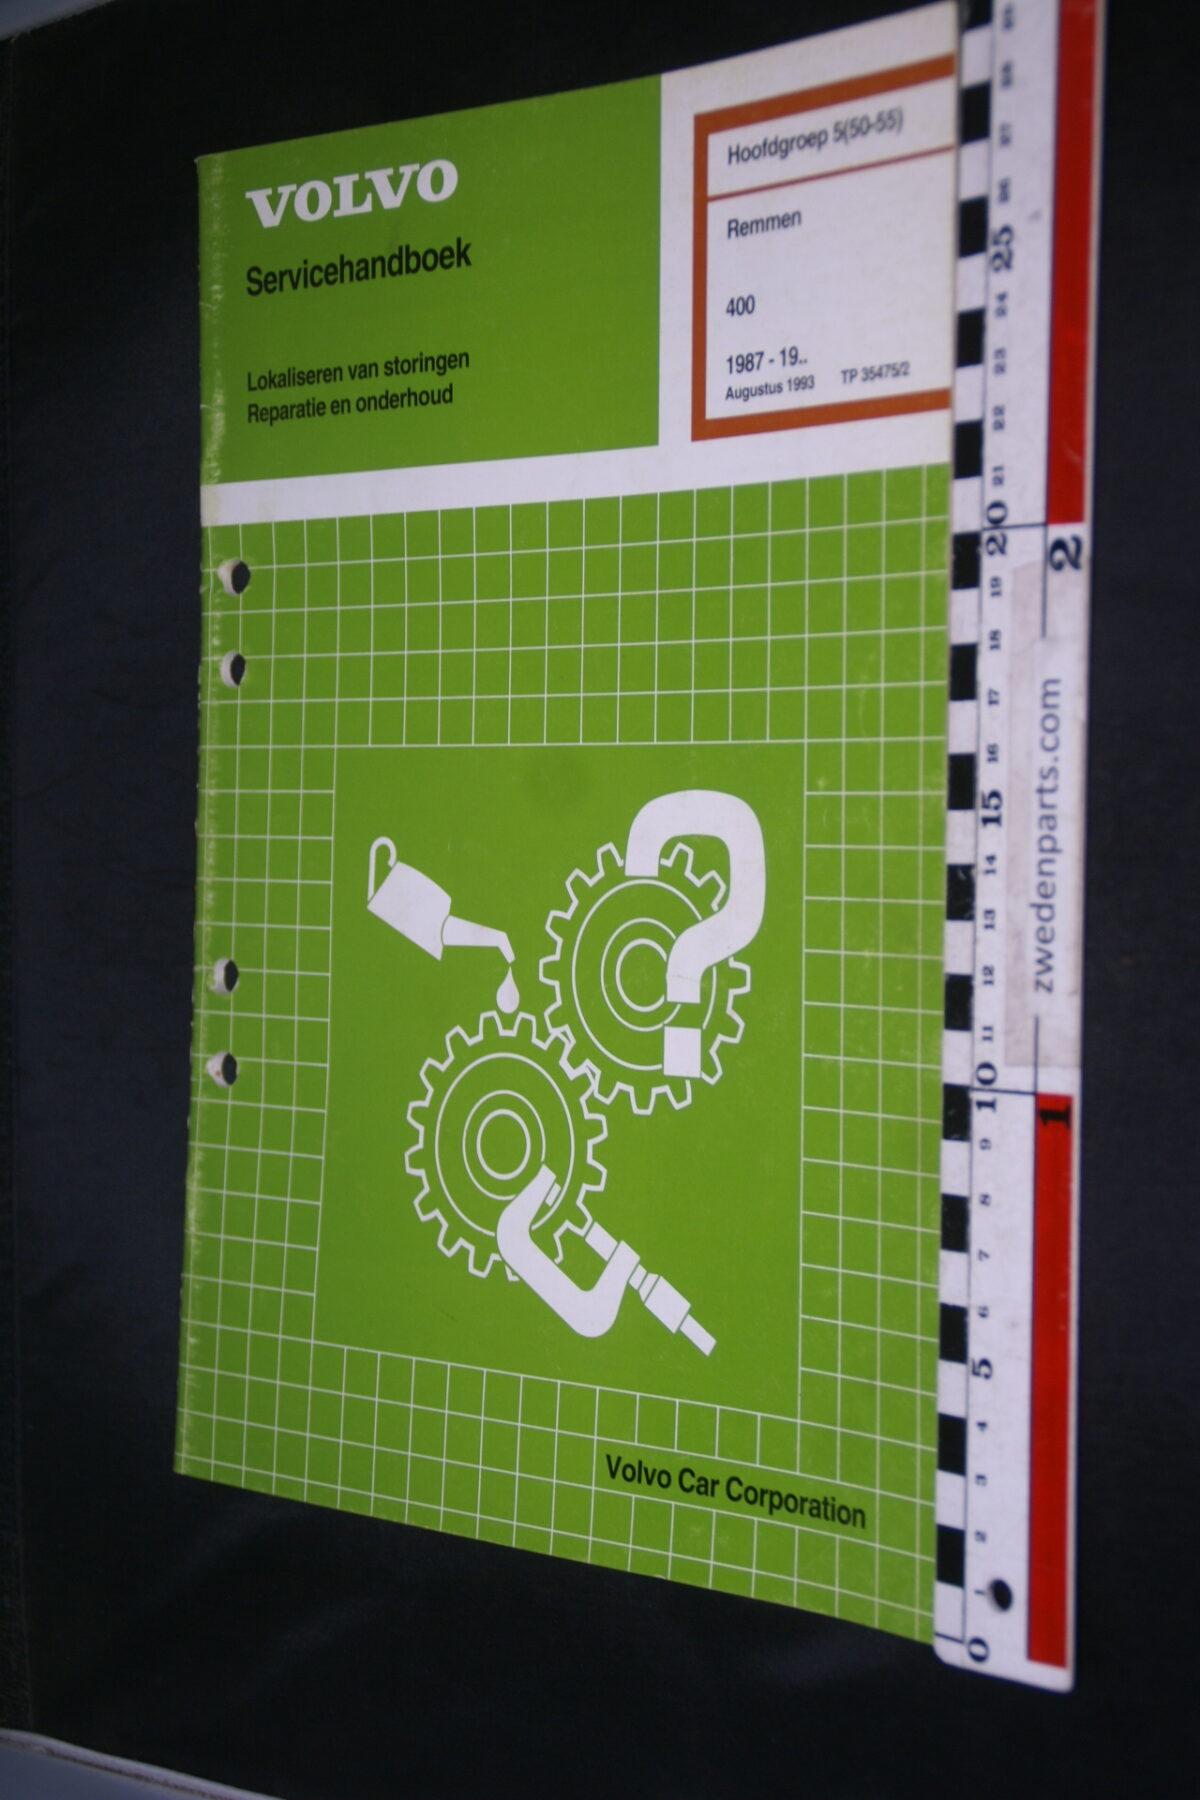 DSC08529 1993 origineel Volvo 400 servicehandboek  5 (50-55) remmen 1 van 1.000 TP 35475-1